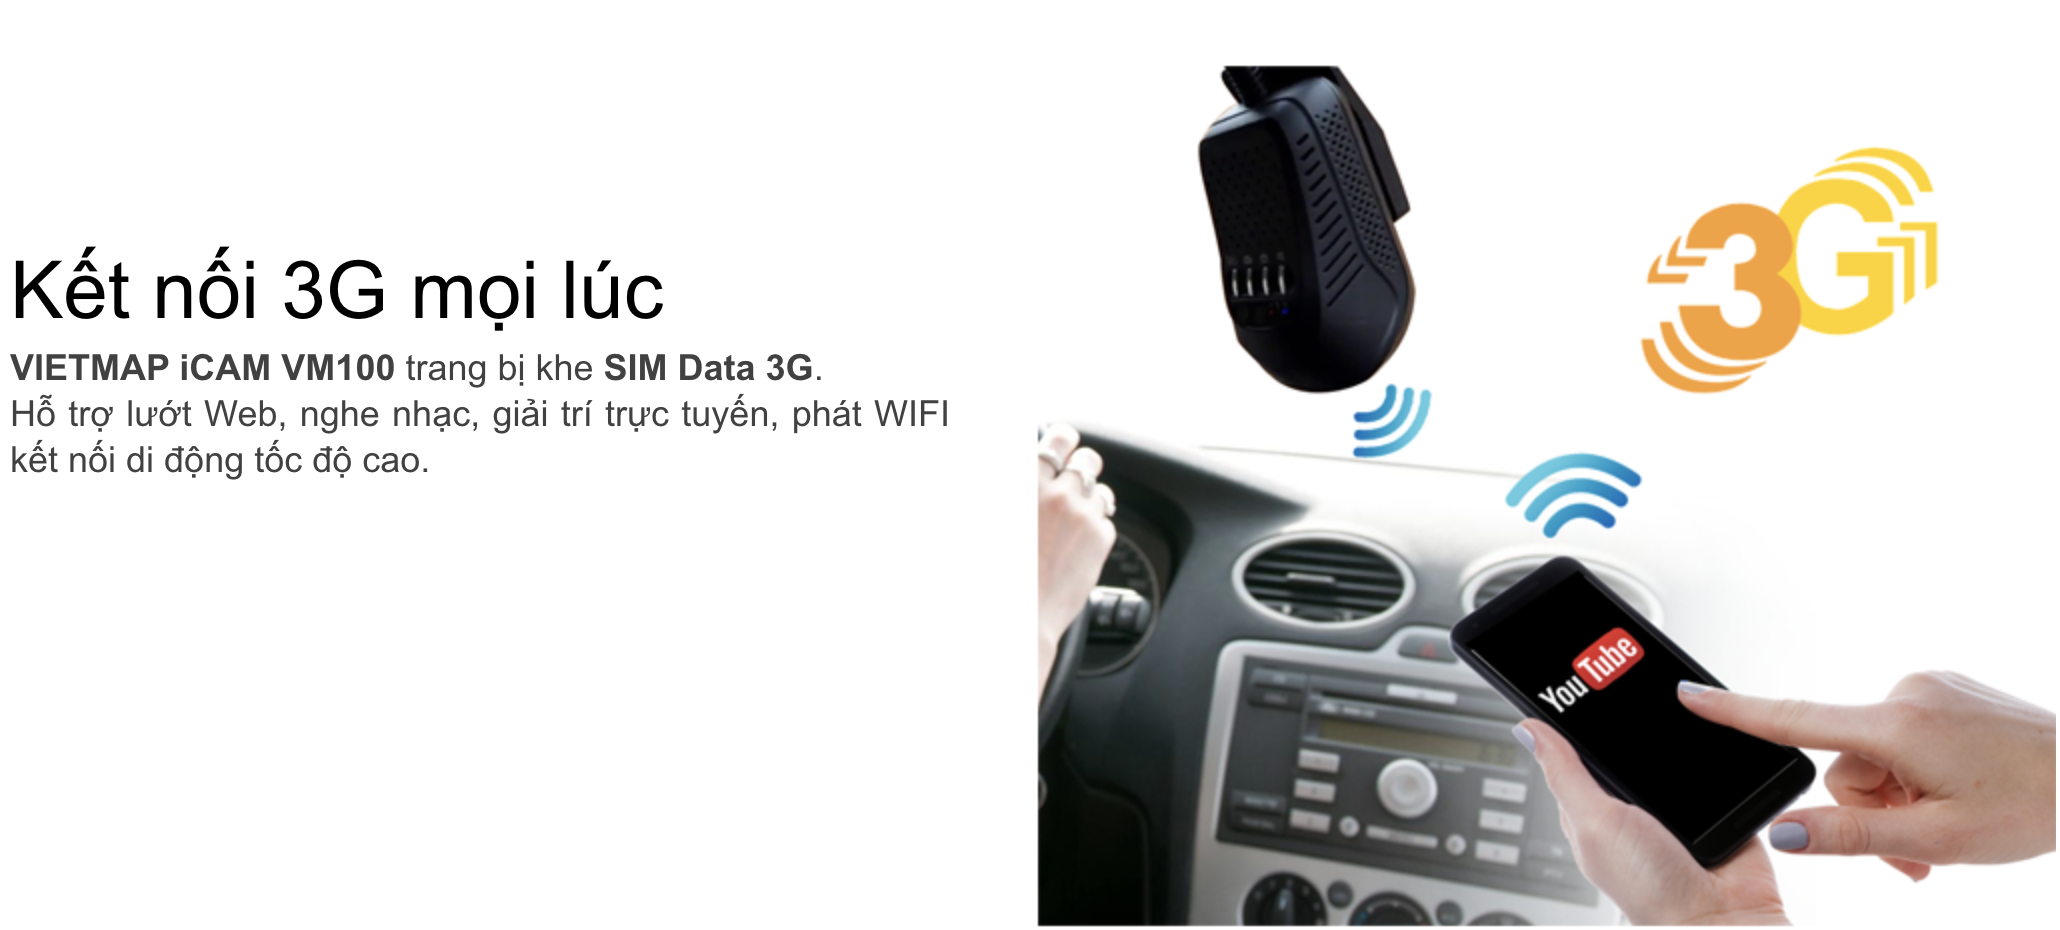 Camera hành trình VM100 có thể phát Wifi cho điện thoại truy cập internet